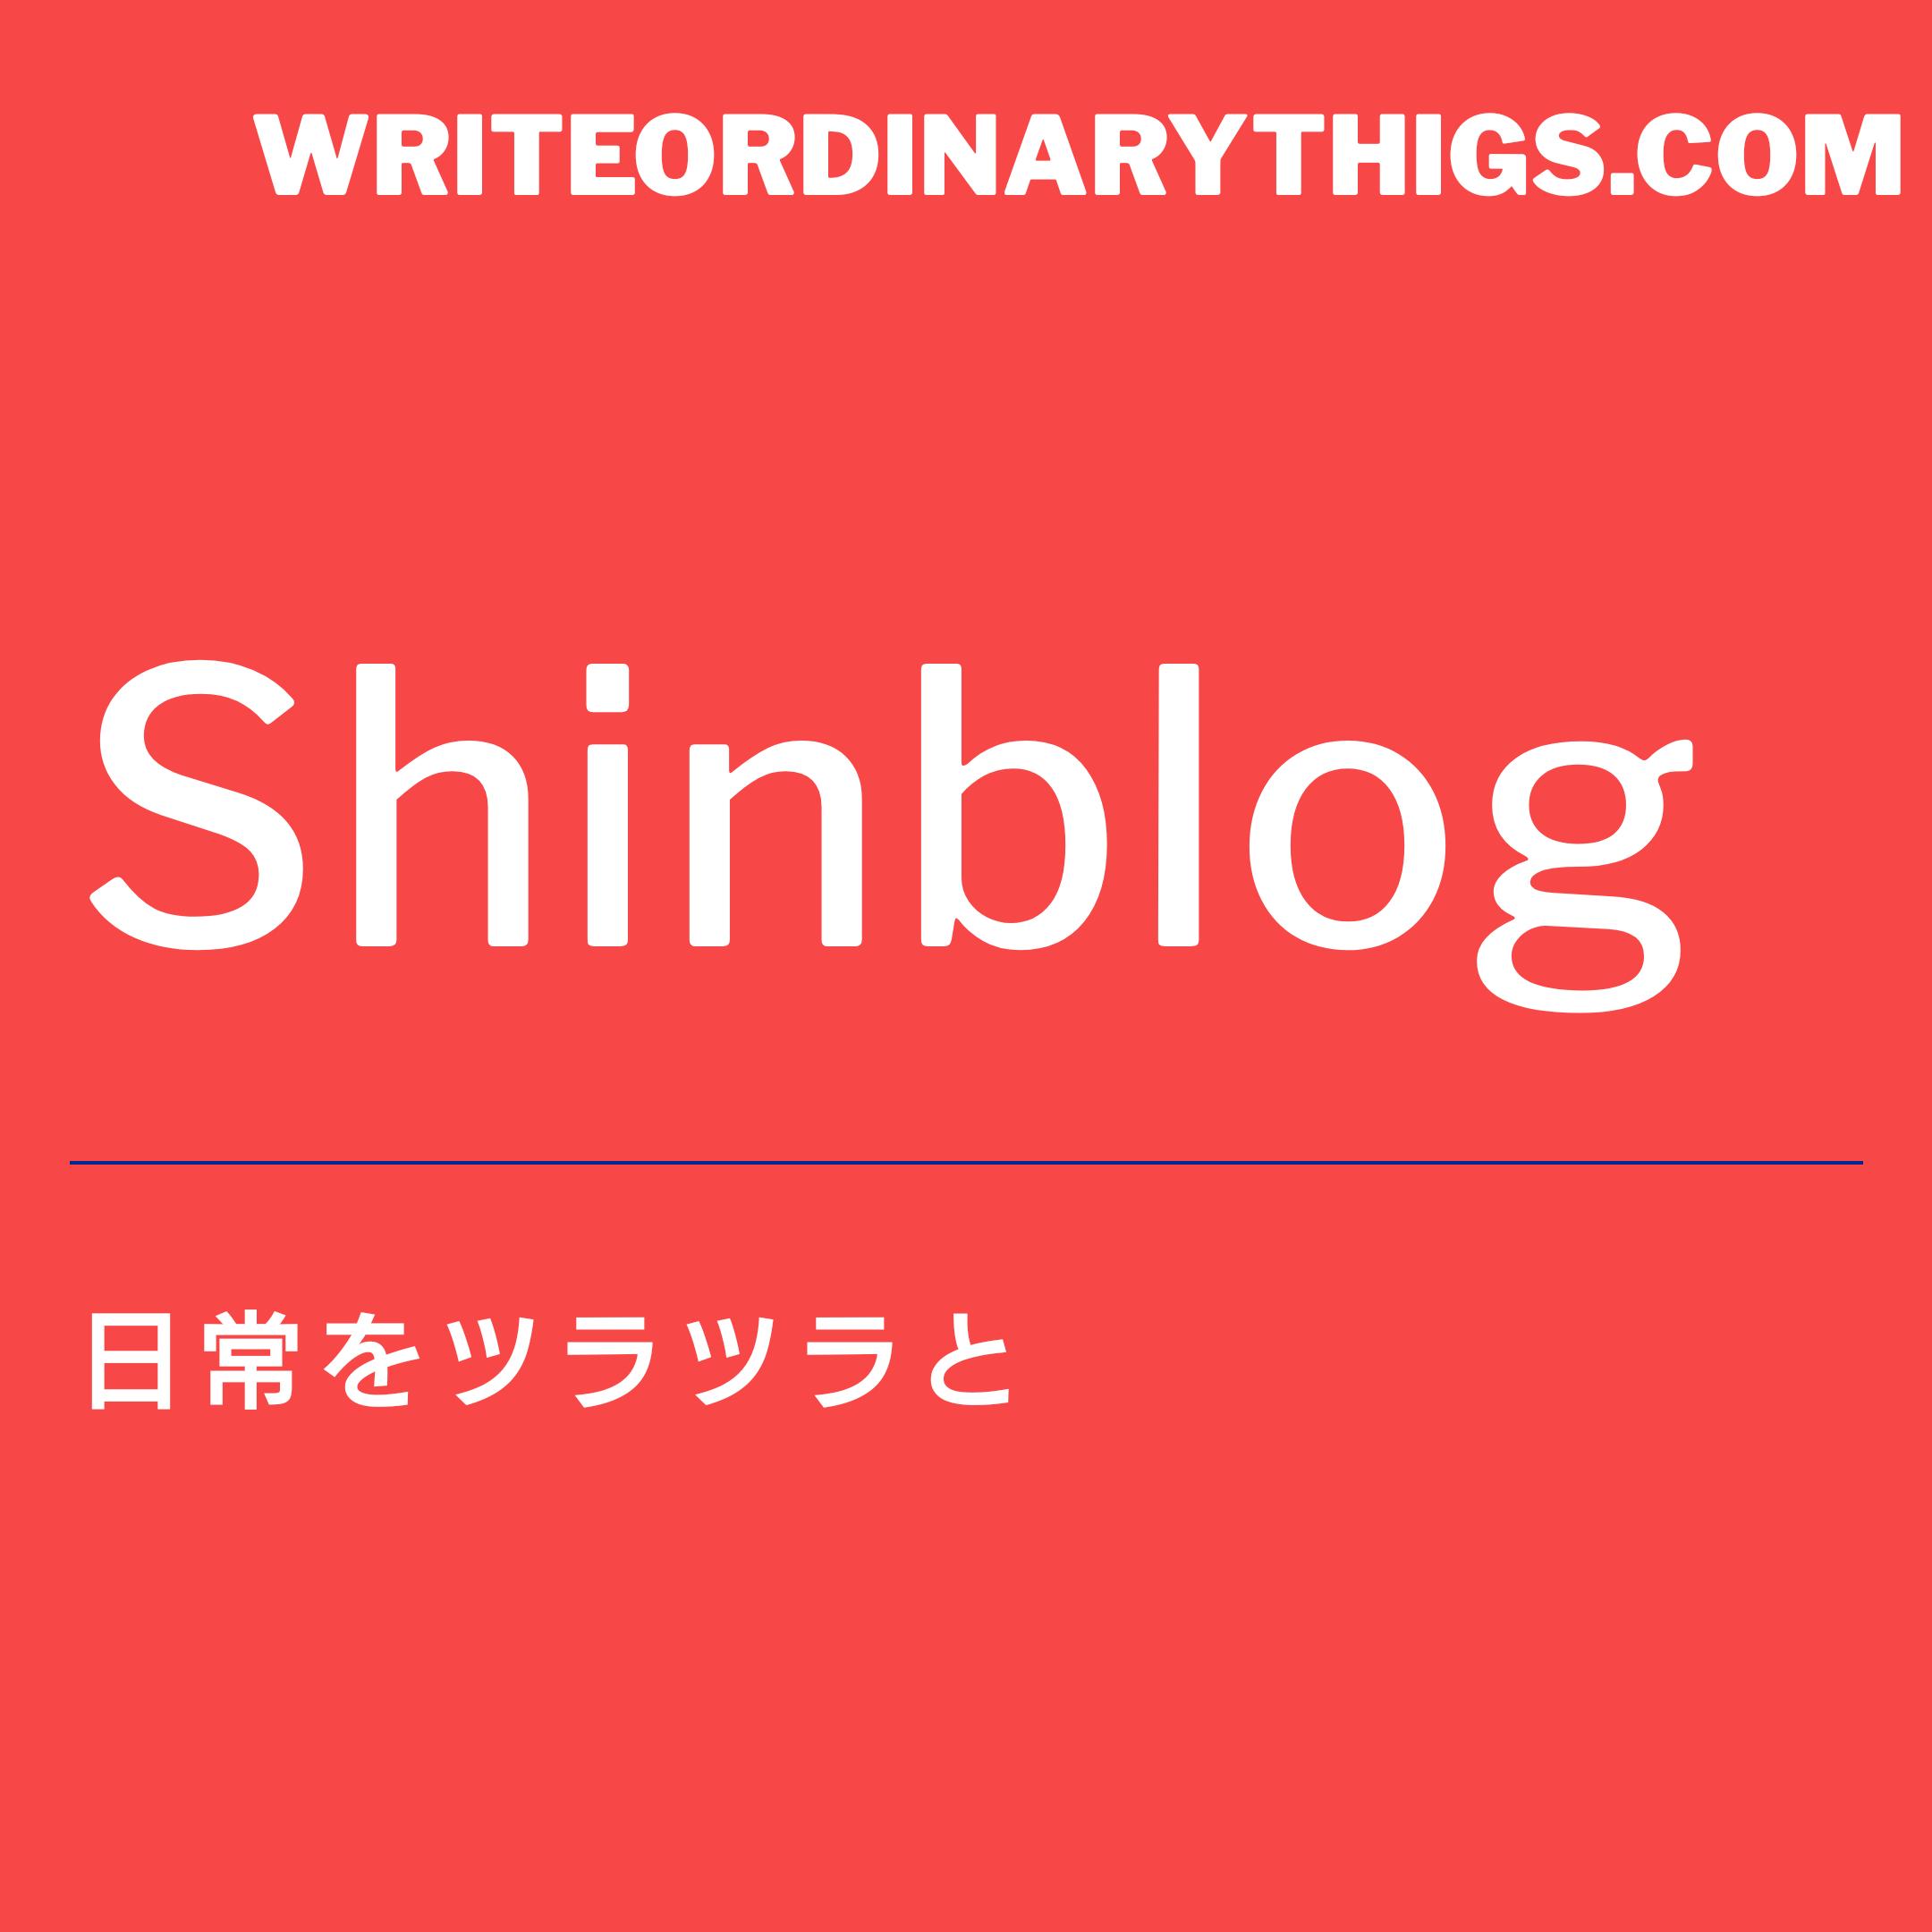 シンブログ